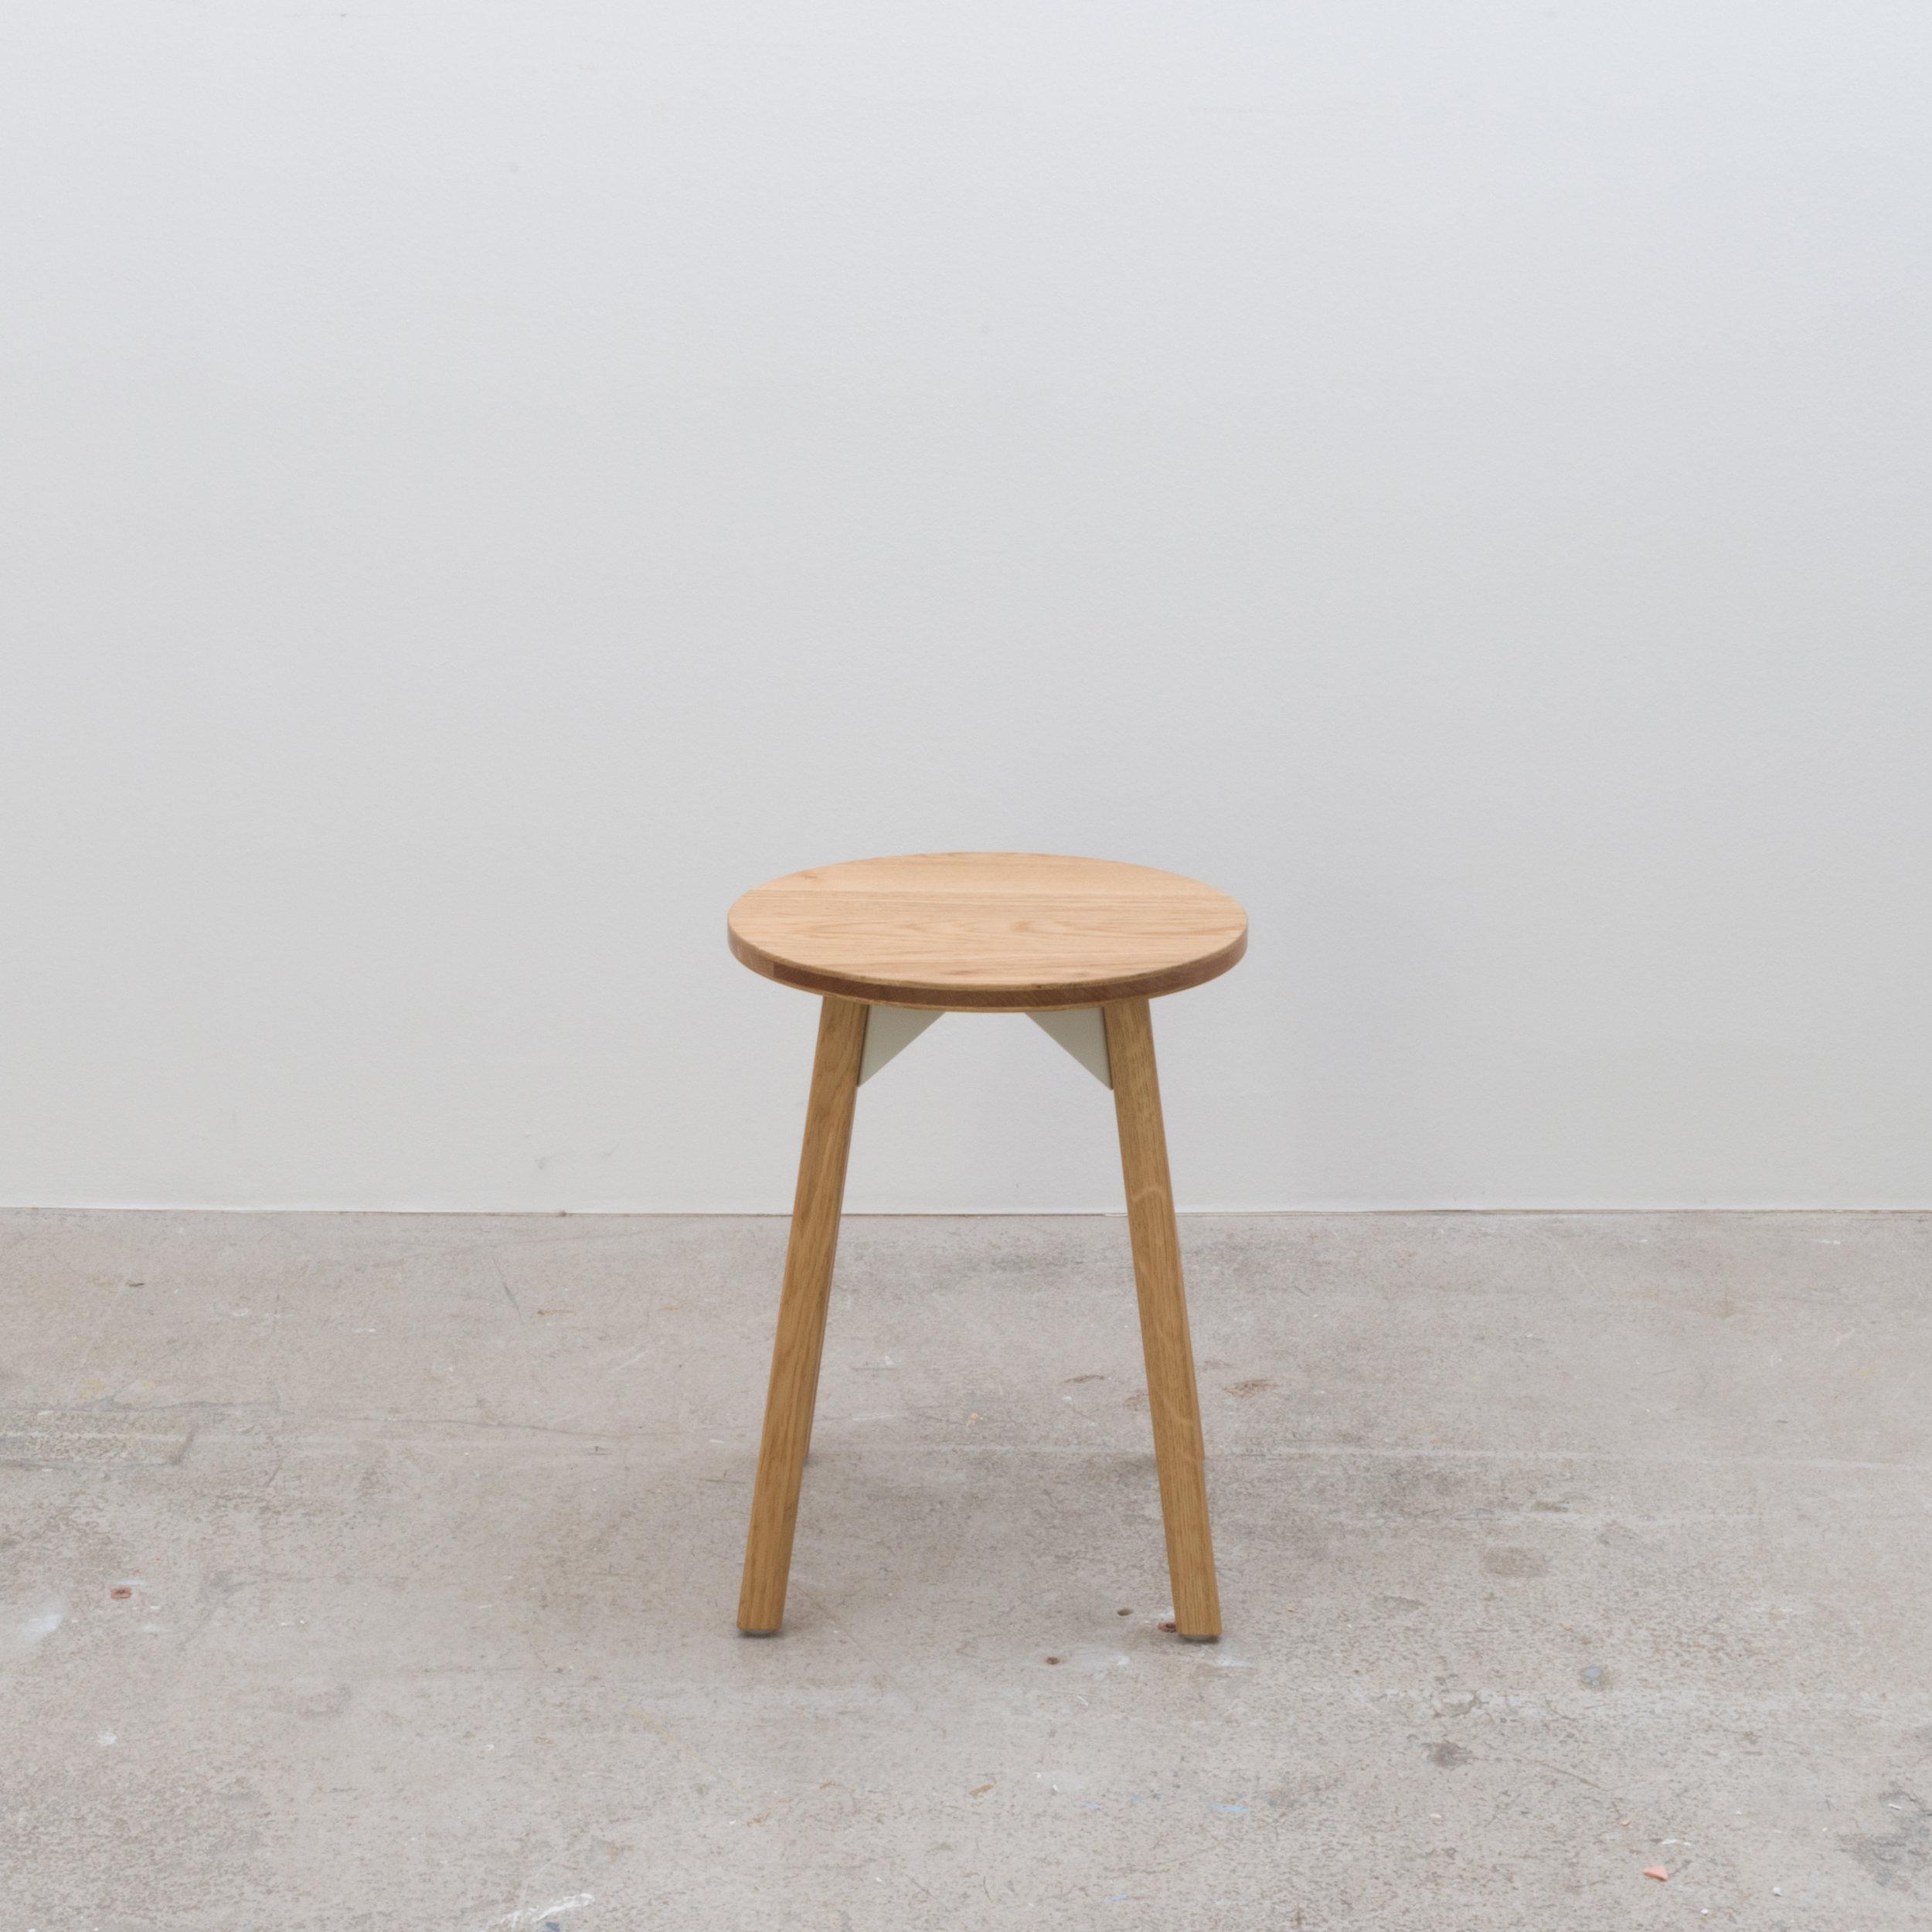 Low circular stool 350 x 350 x 440H